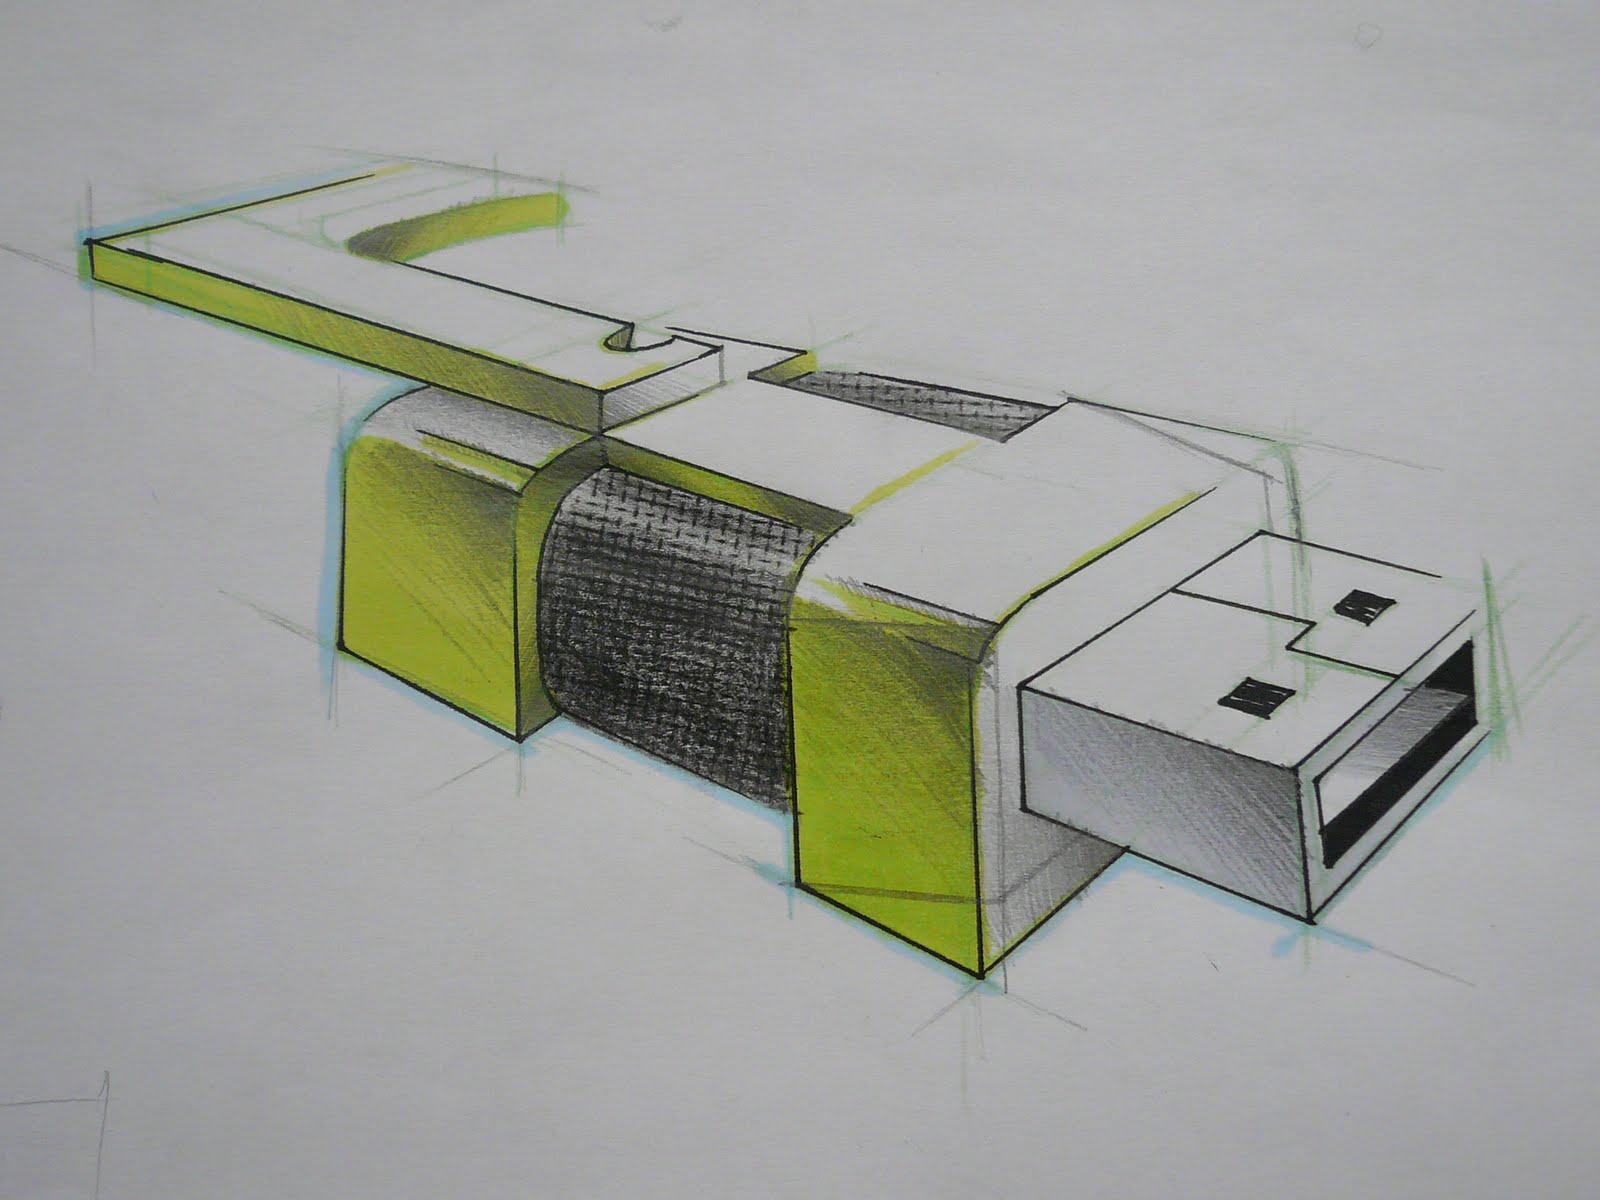 p le design jean perrin marseille les apprentissages savoir dessiner pour concevoir. Black Bedroom Furniture Sets. Home Design Ideas